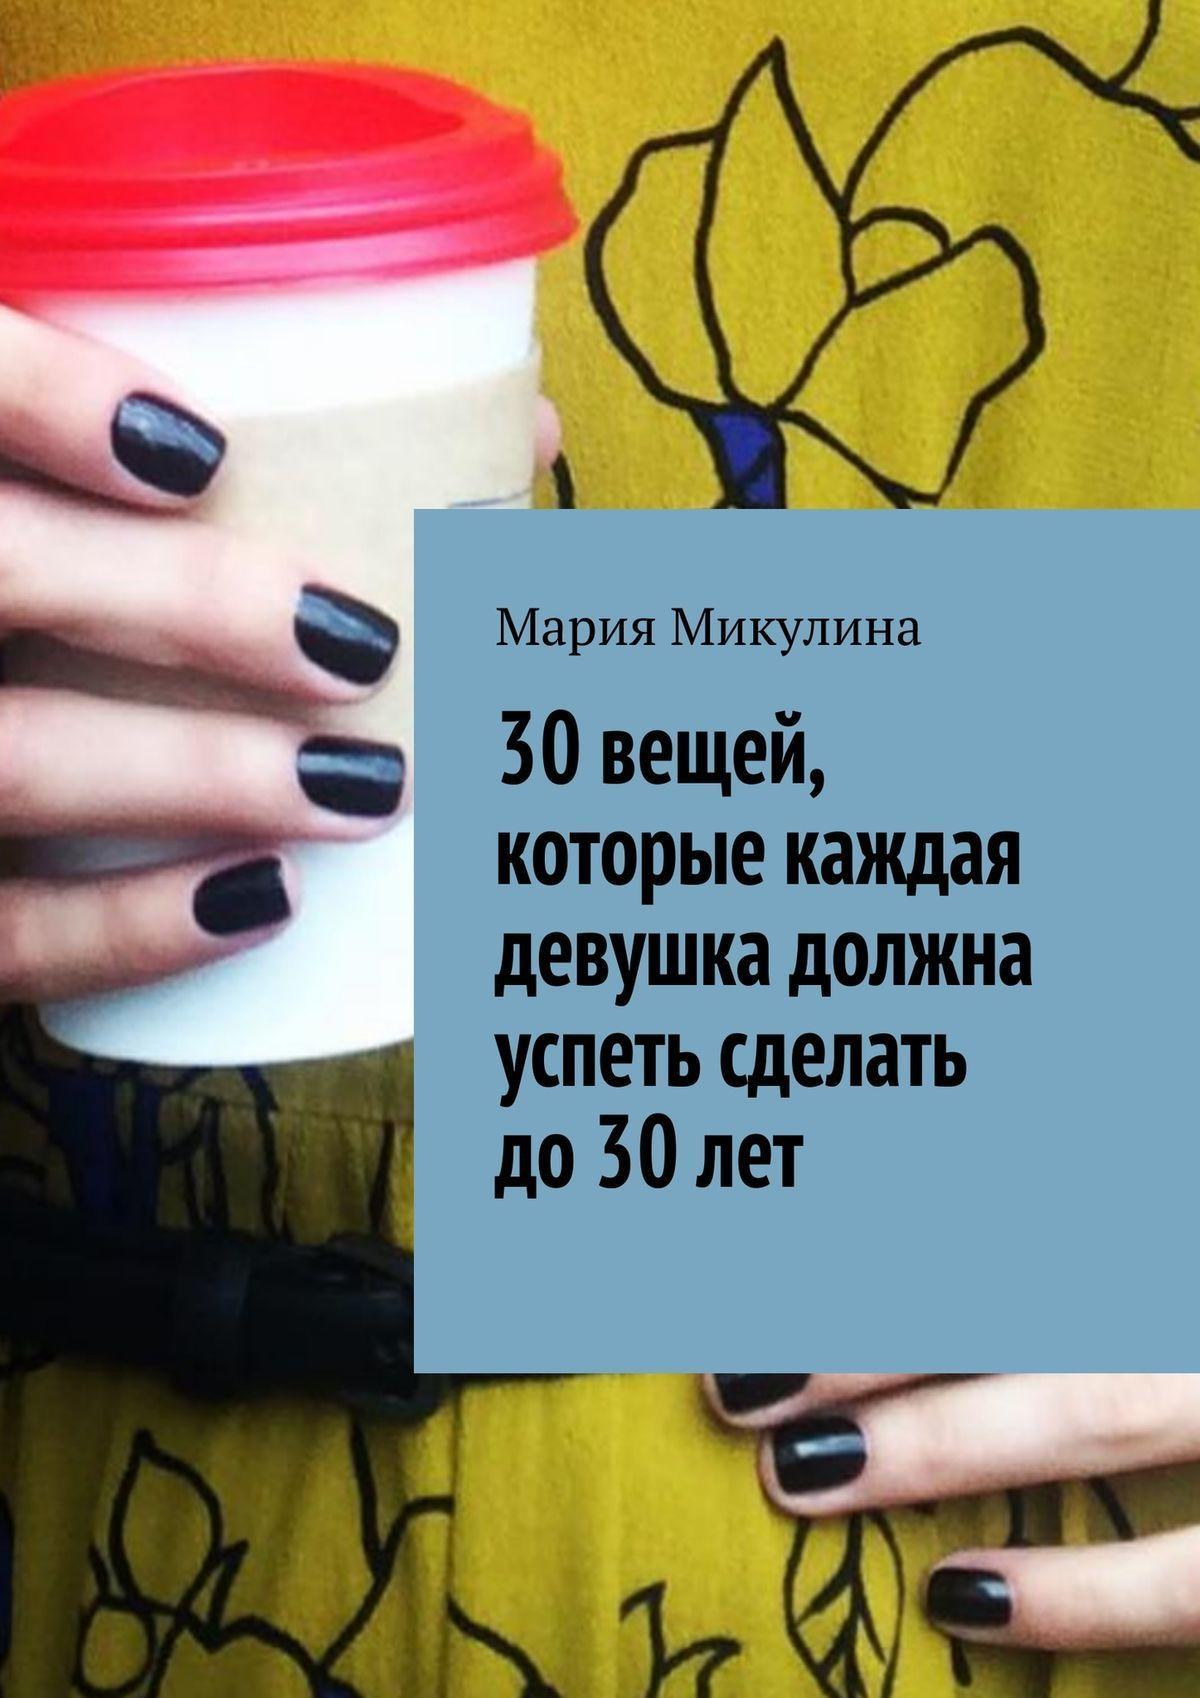 Мария Микулина 30вещей, которые каждая девушка должна успеть сделать до30лет ISBN: 9785449080608 мария круз успеть повернуть направо